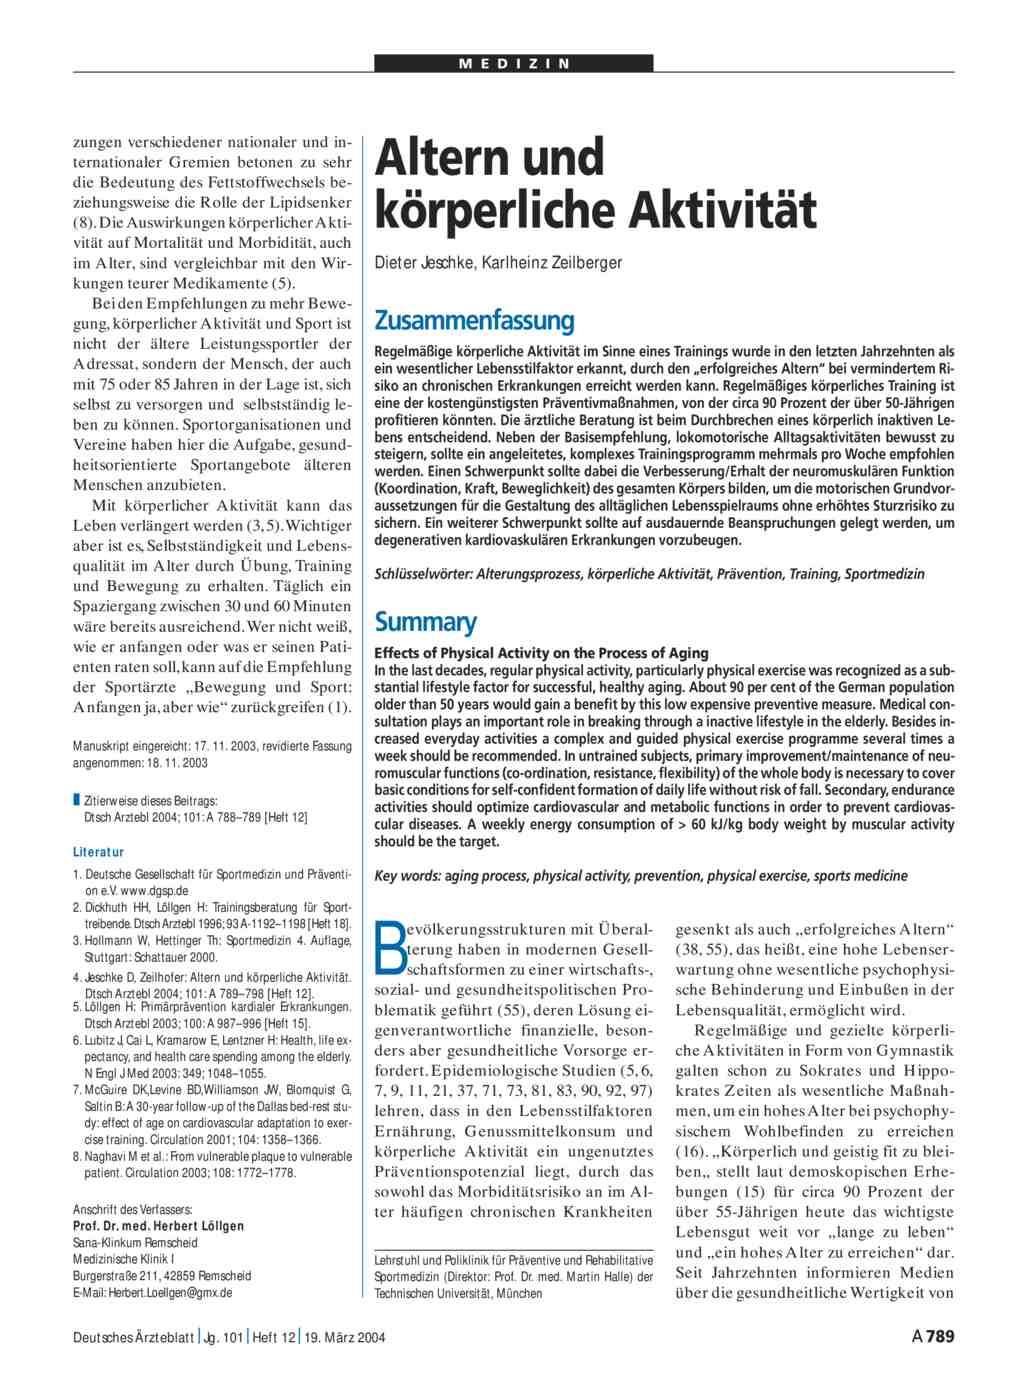 ebook Neurographische Normalwerte: Methodik, Ergebnisse und